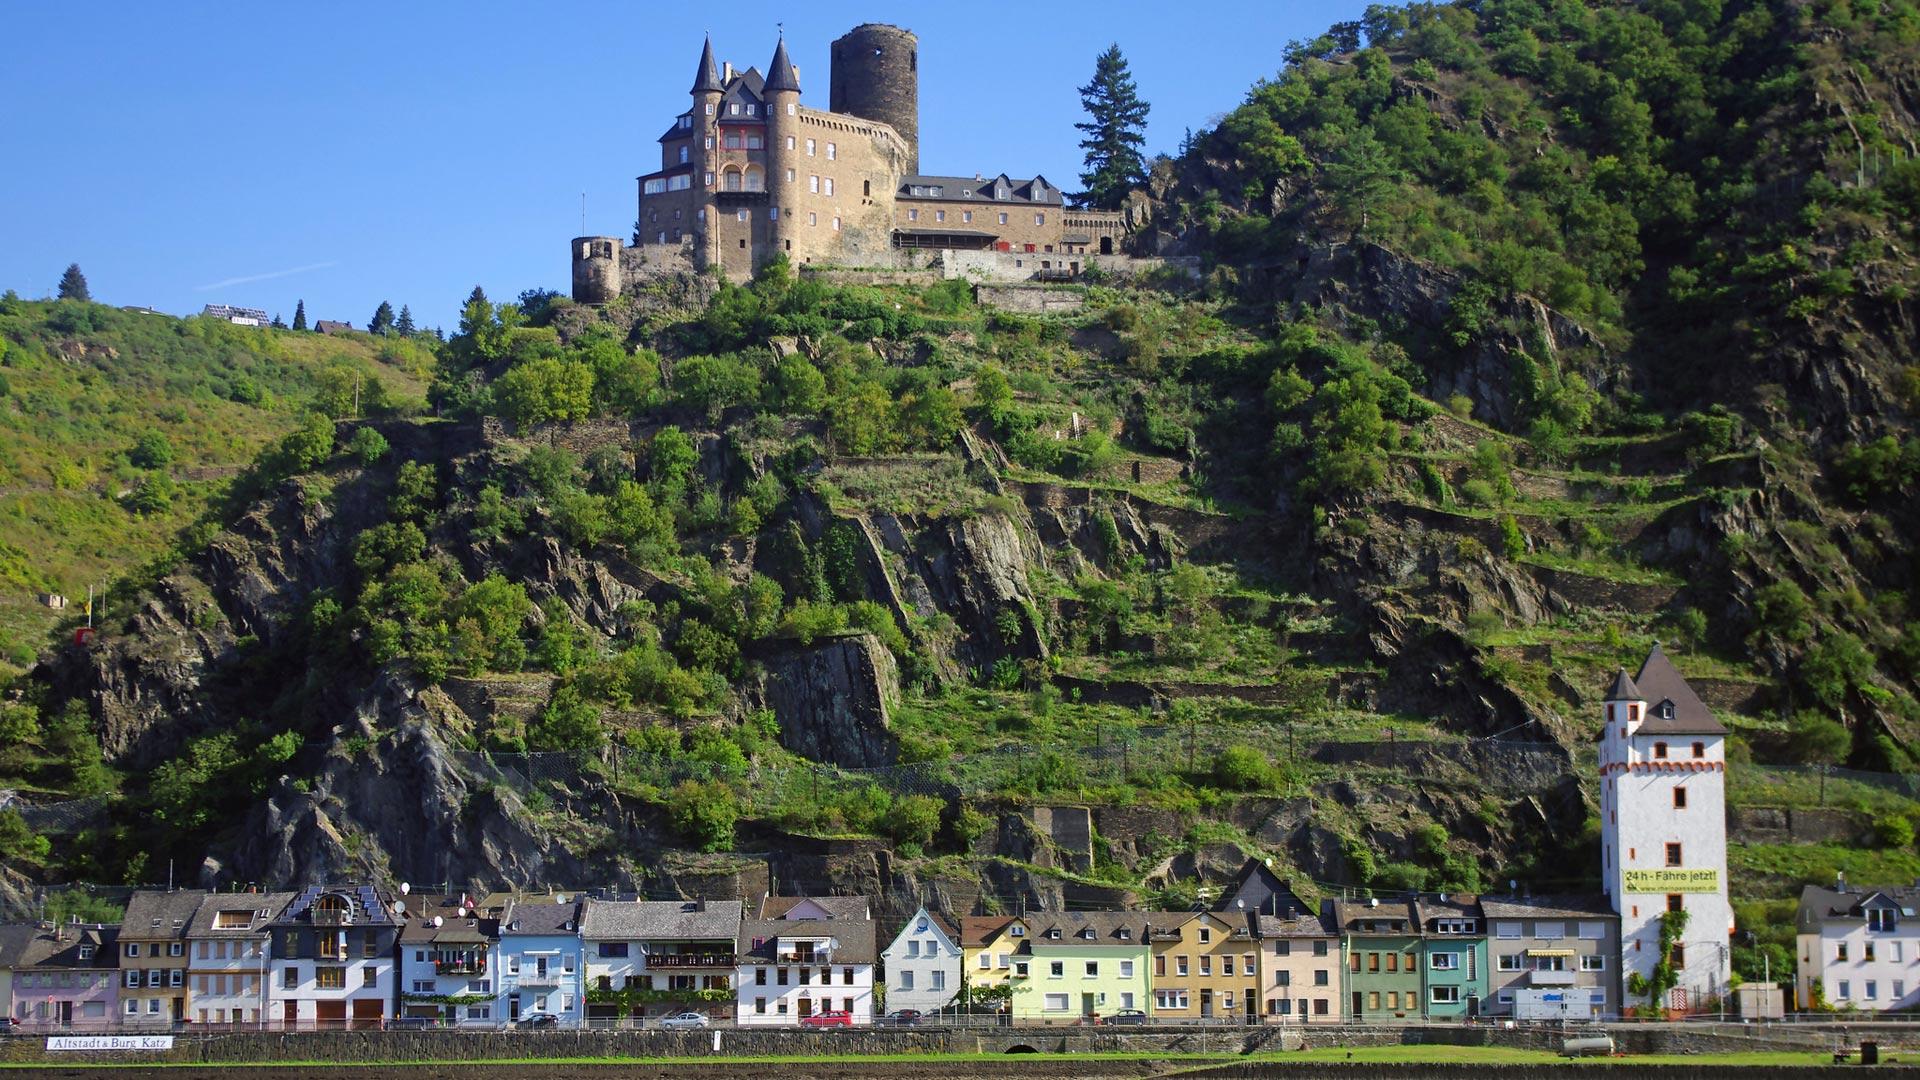 De oude burcht van St. Goar vanaf de Rijn. © SE-Tours